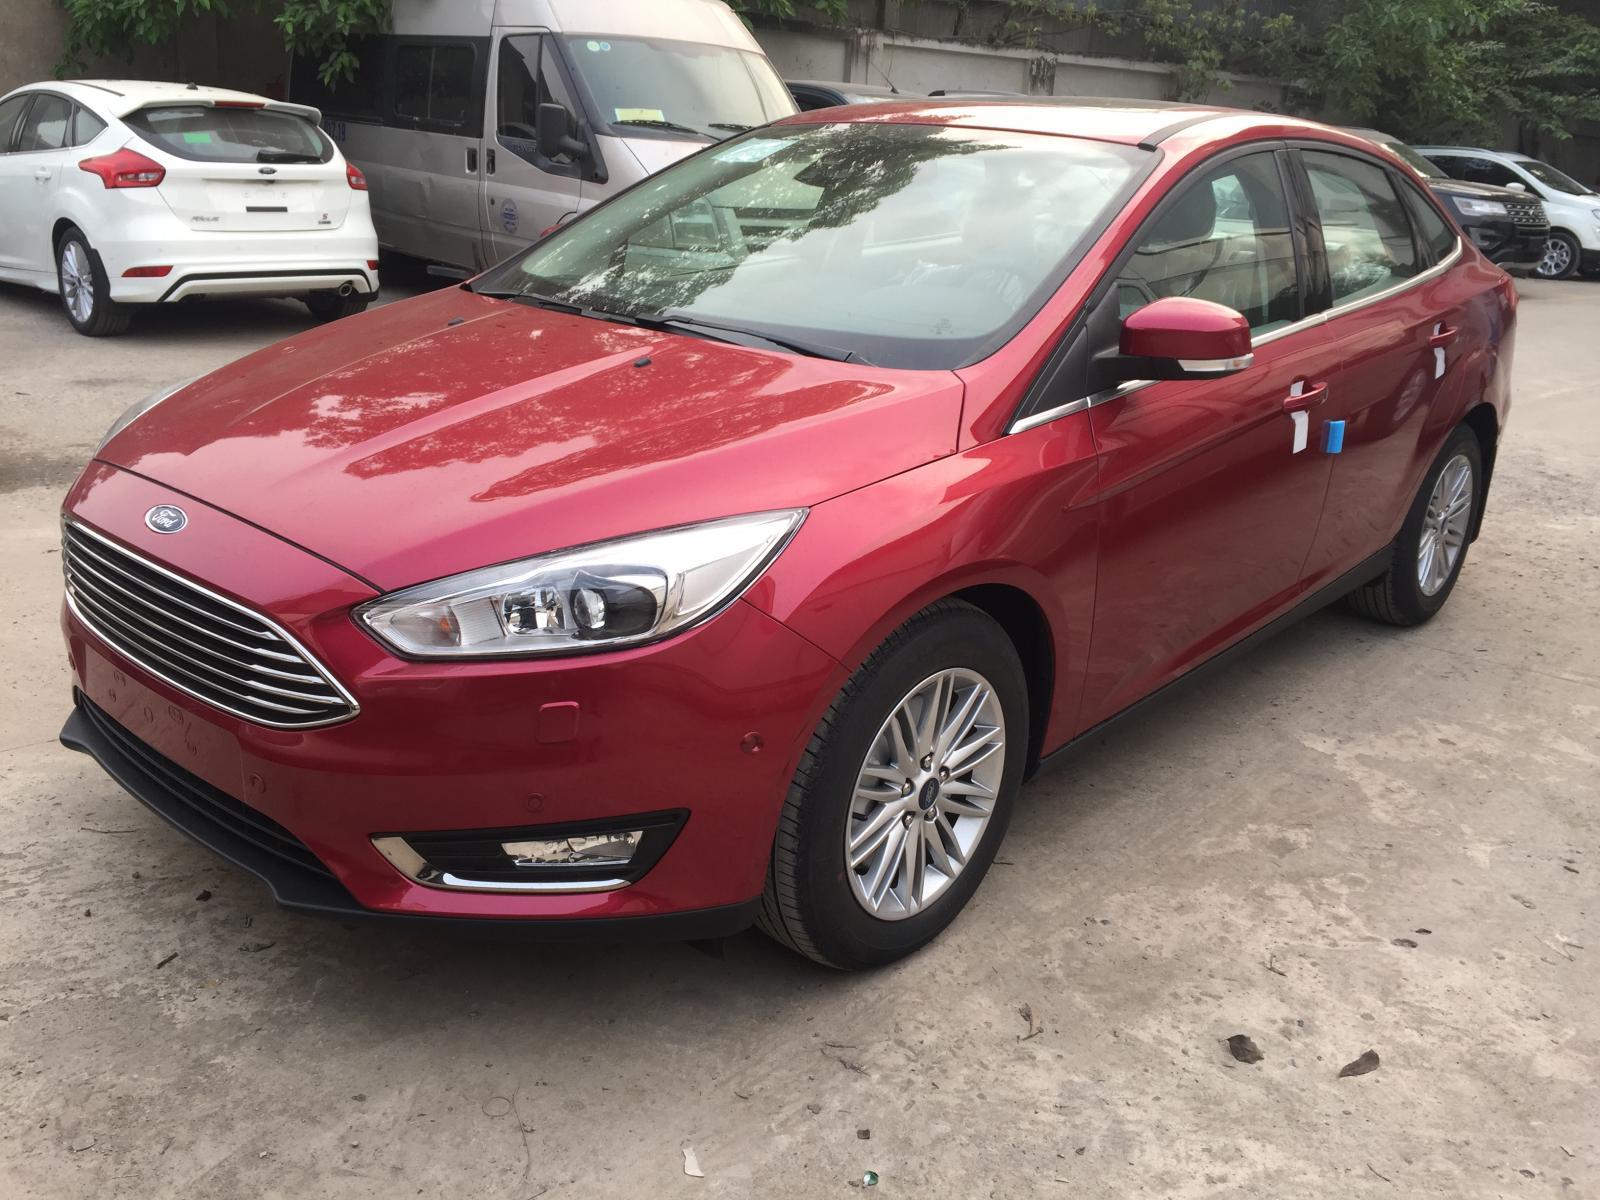 Focus 1.5 Titanium 2019 xe mới chính hãng, giá 700 triệu xe màu đỏ, trắng giao luôn LH 0965423558